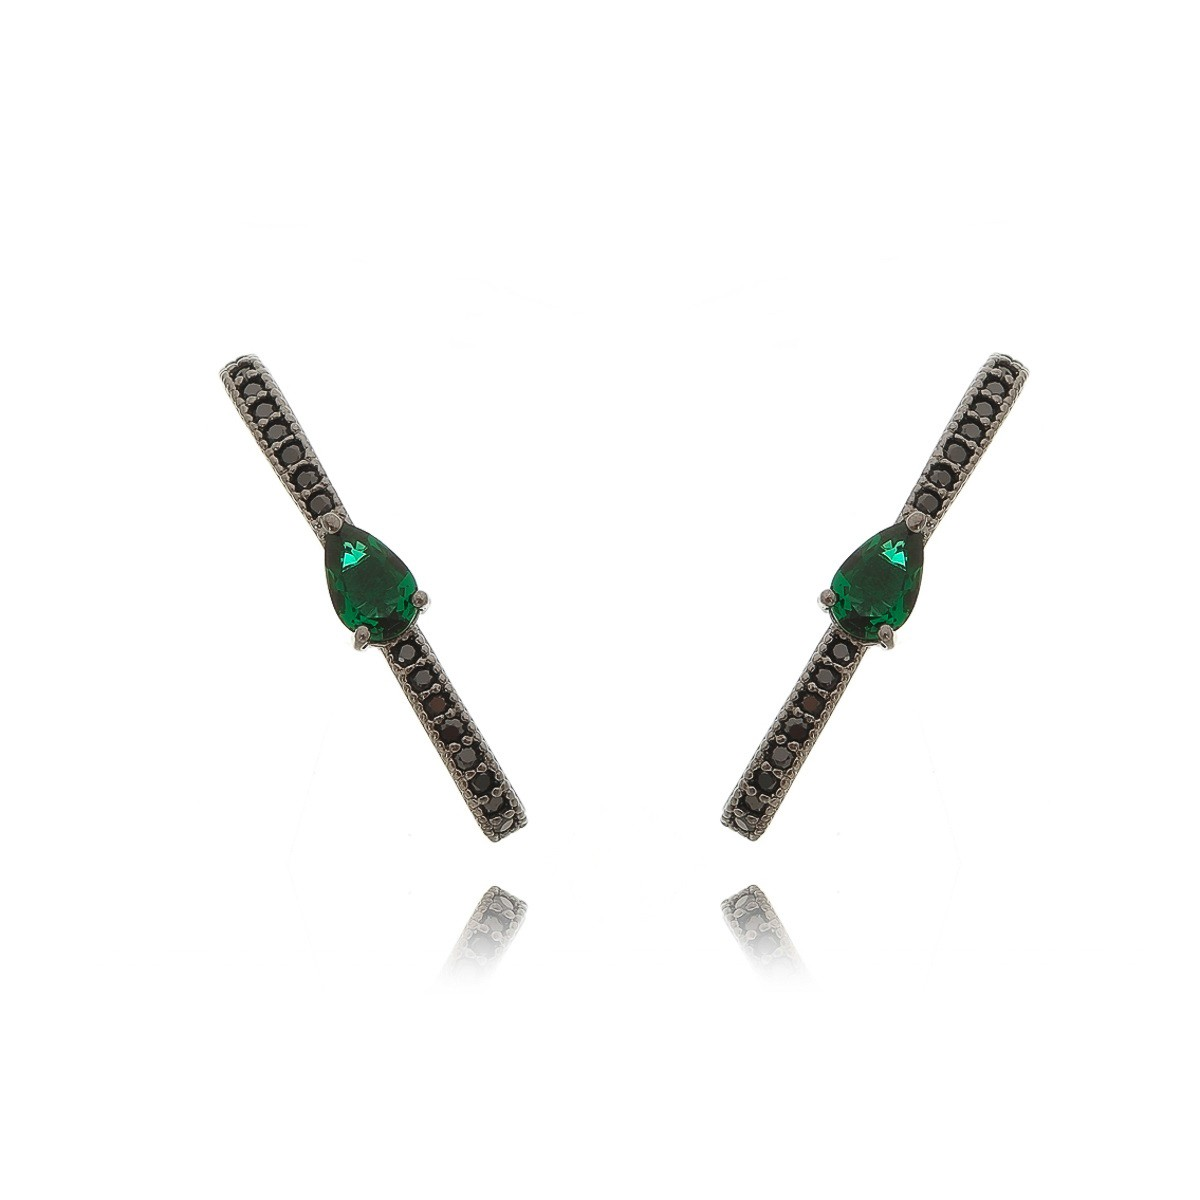 Brinco Ear Hook da Moda com Zircônias Esmeralda Gota e Preta Semijoia em Ródio Negro  - Soloyou